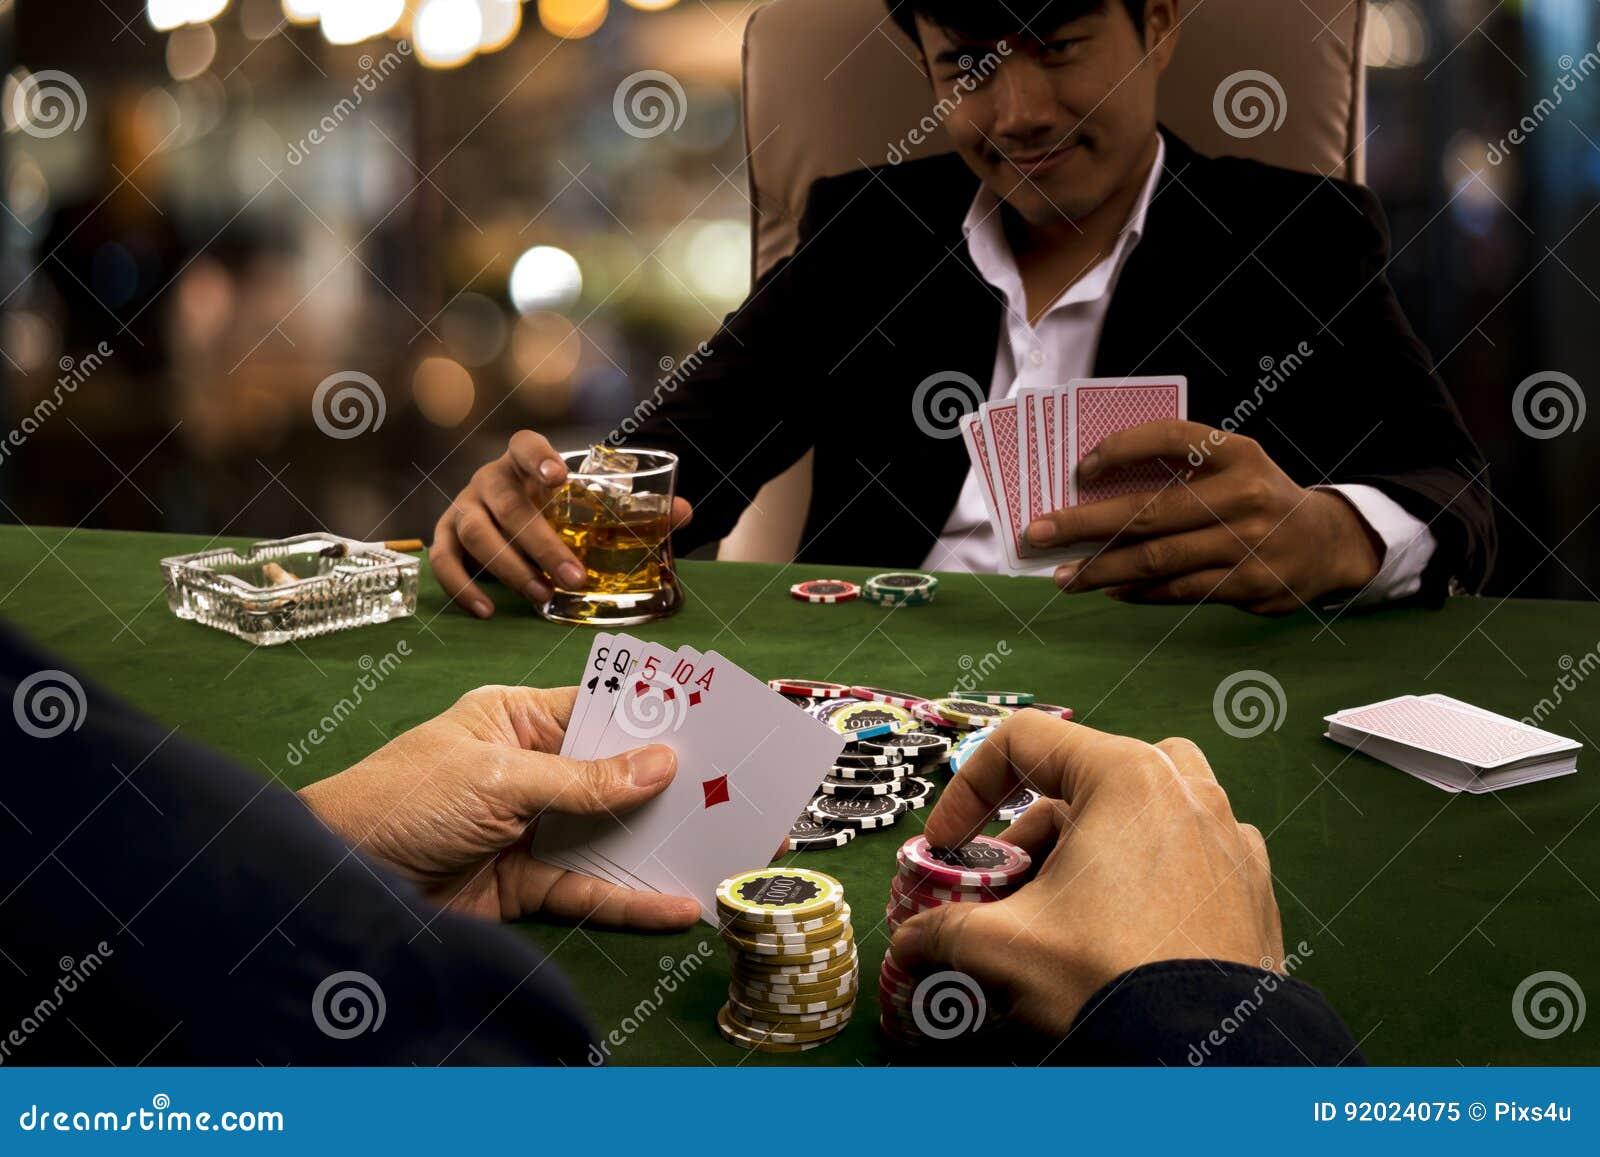 Я картежник я в карты играю игры на карты дурак на раздевание играть